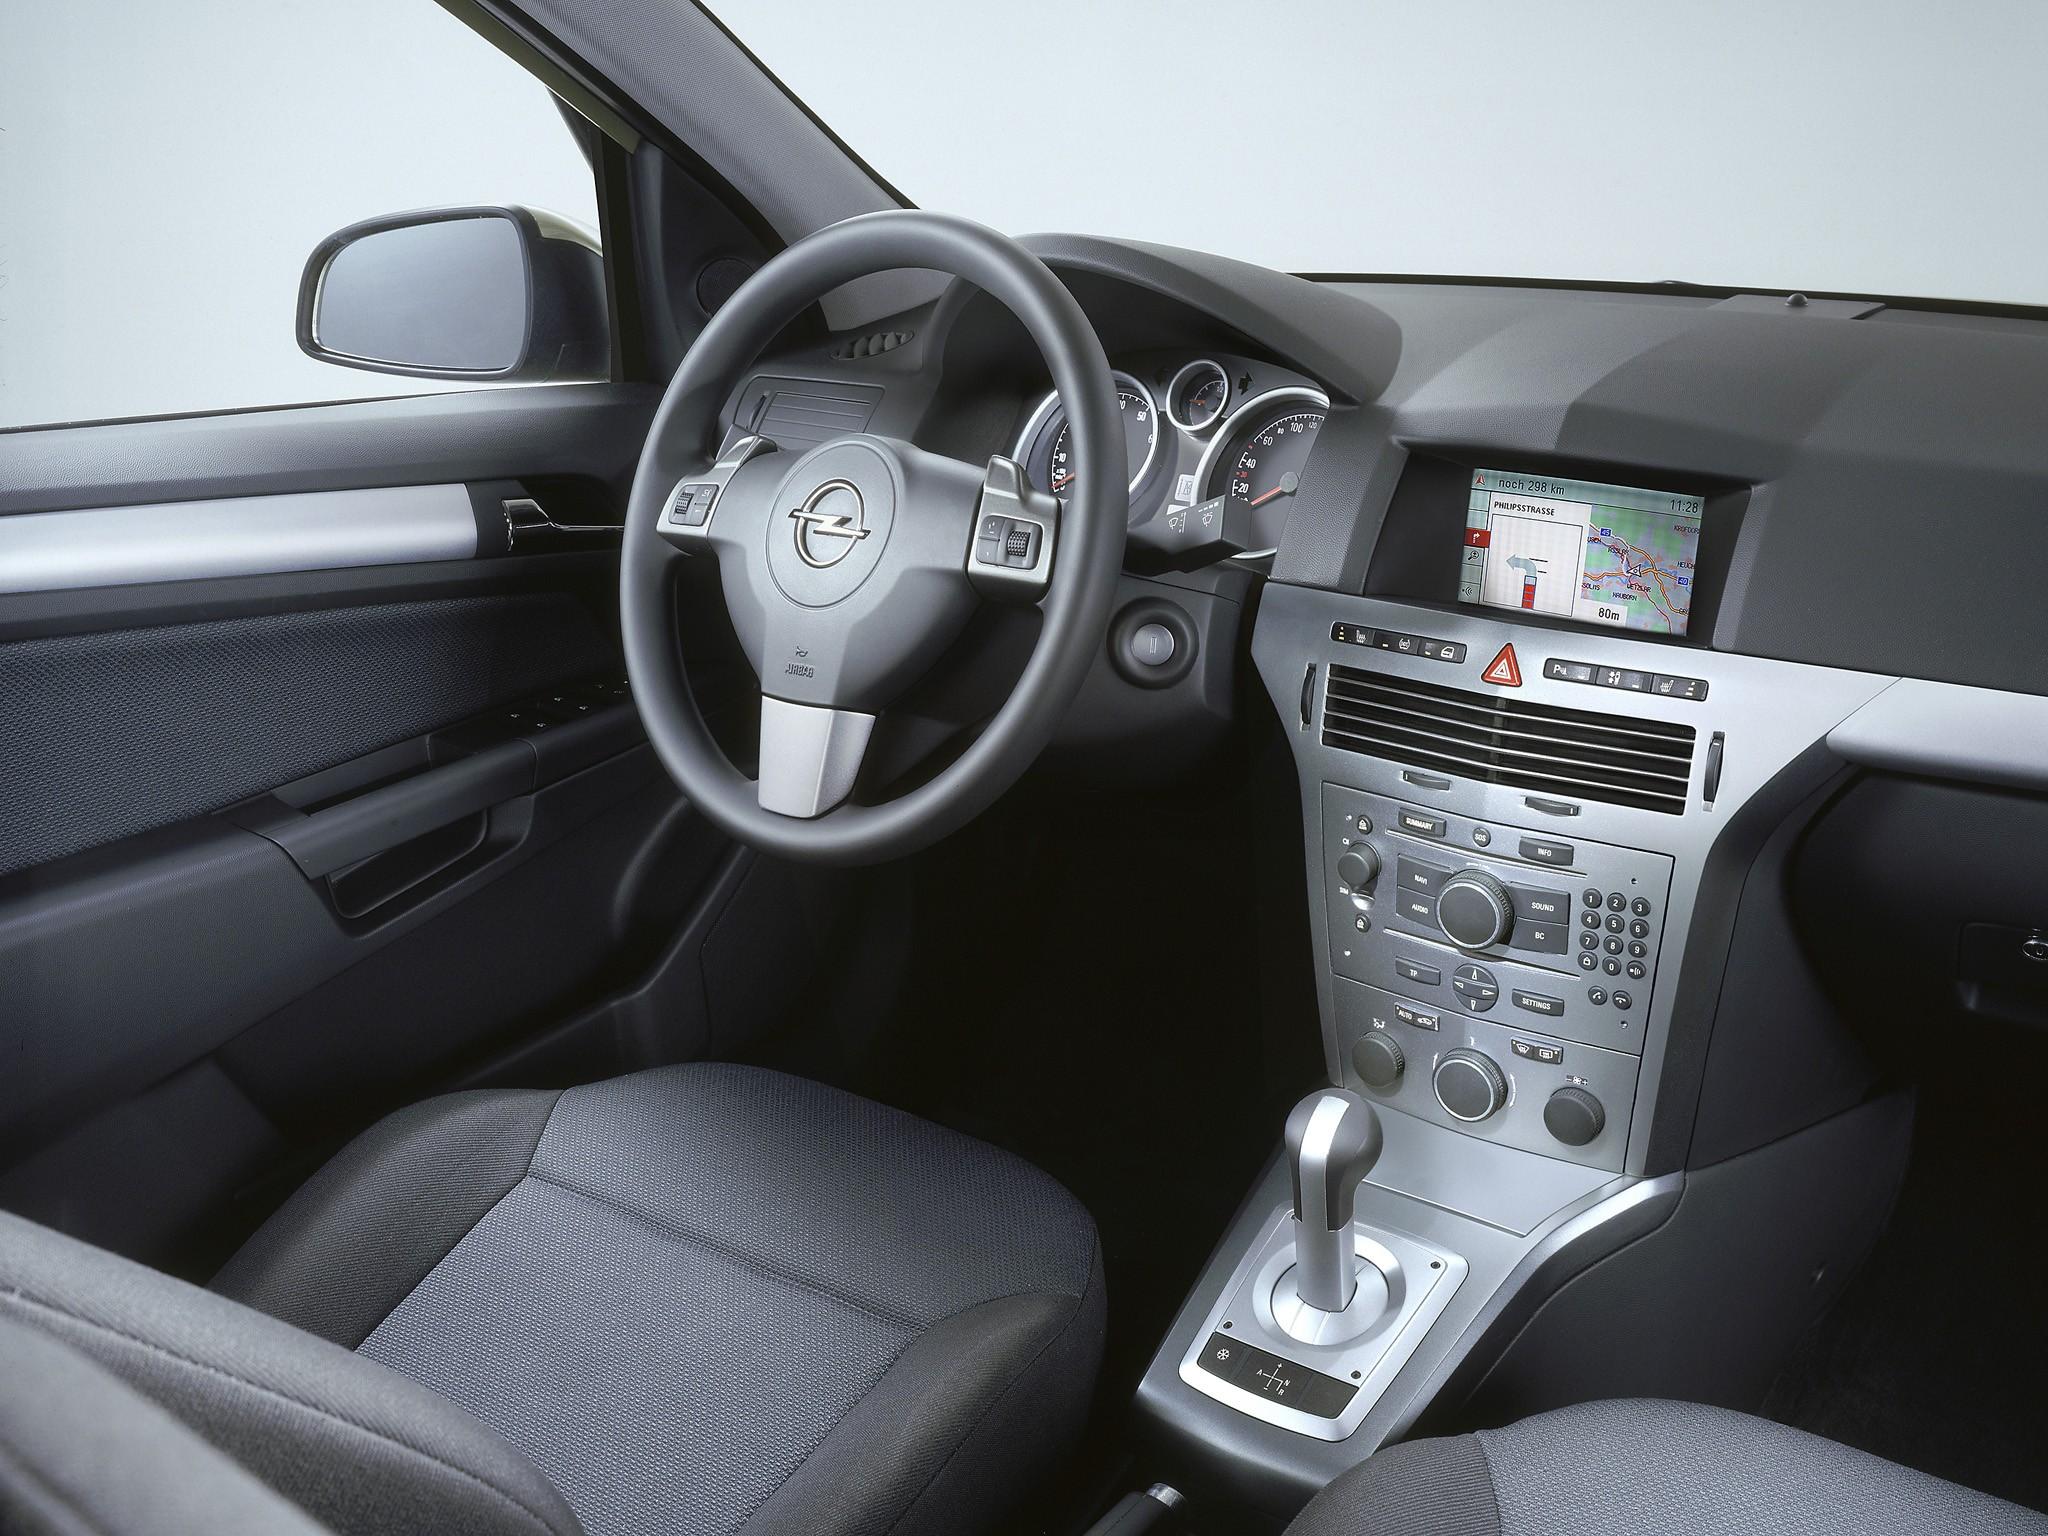 1998 2006 opel astra van truck review top speed -  Opel Astra Caravan 2004 2011